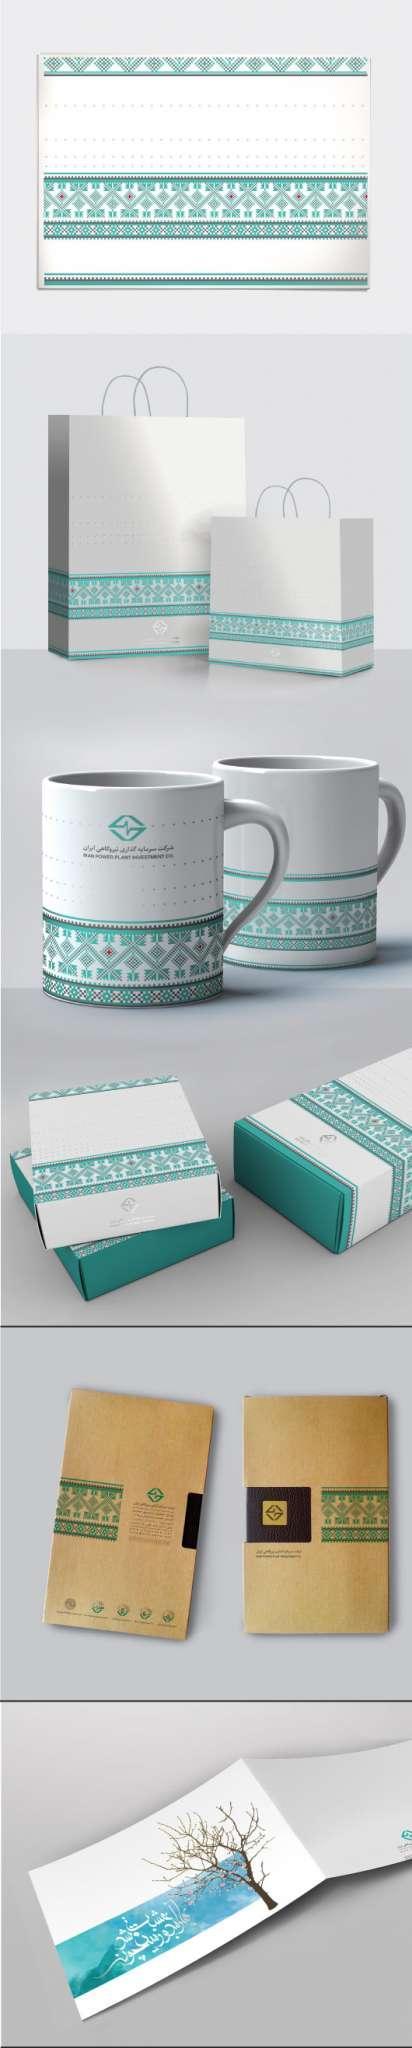 SANA4 - طراحی هویت بصری برند شرکت سرمایه گذاری نیروگاهی ایران - سنا